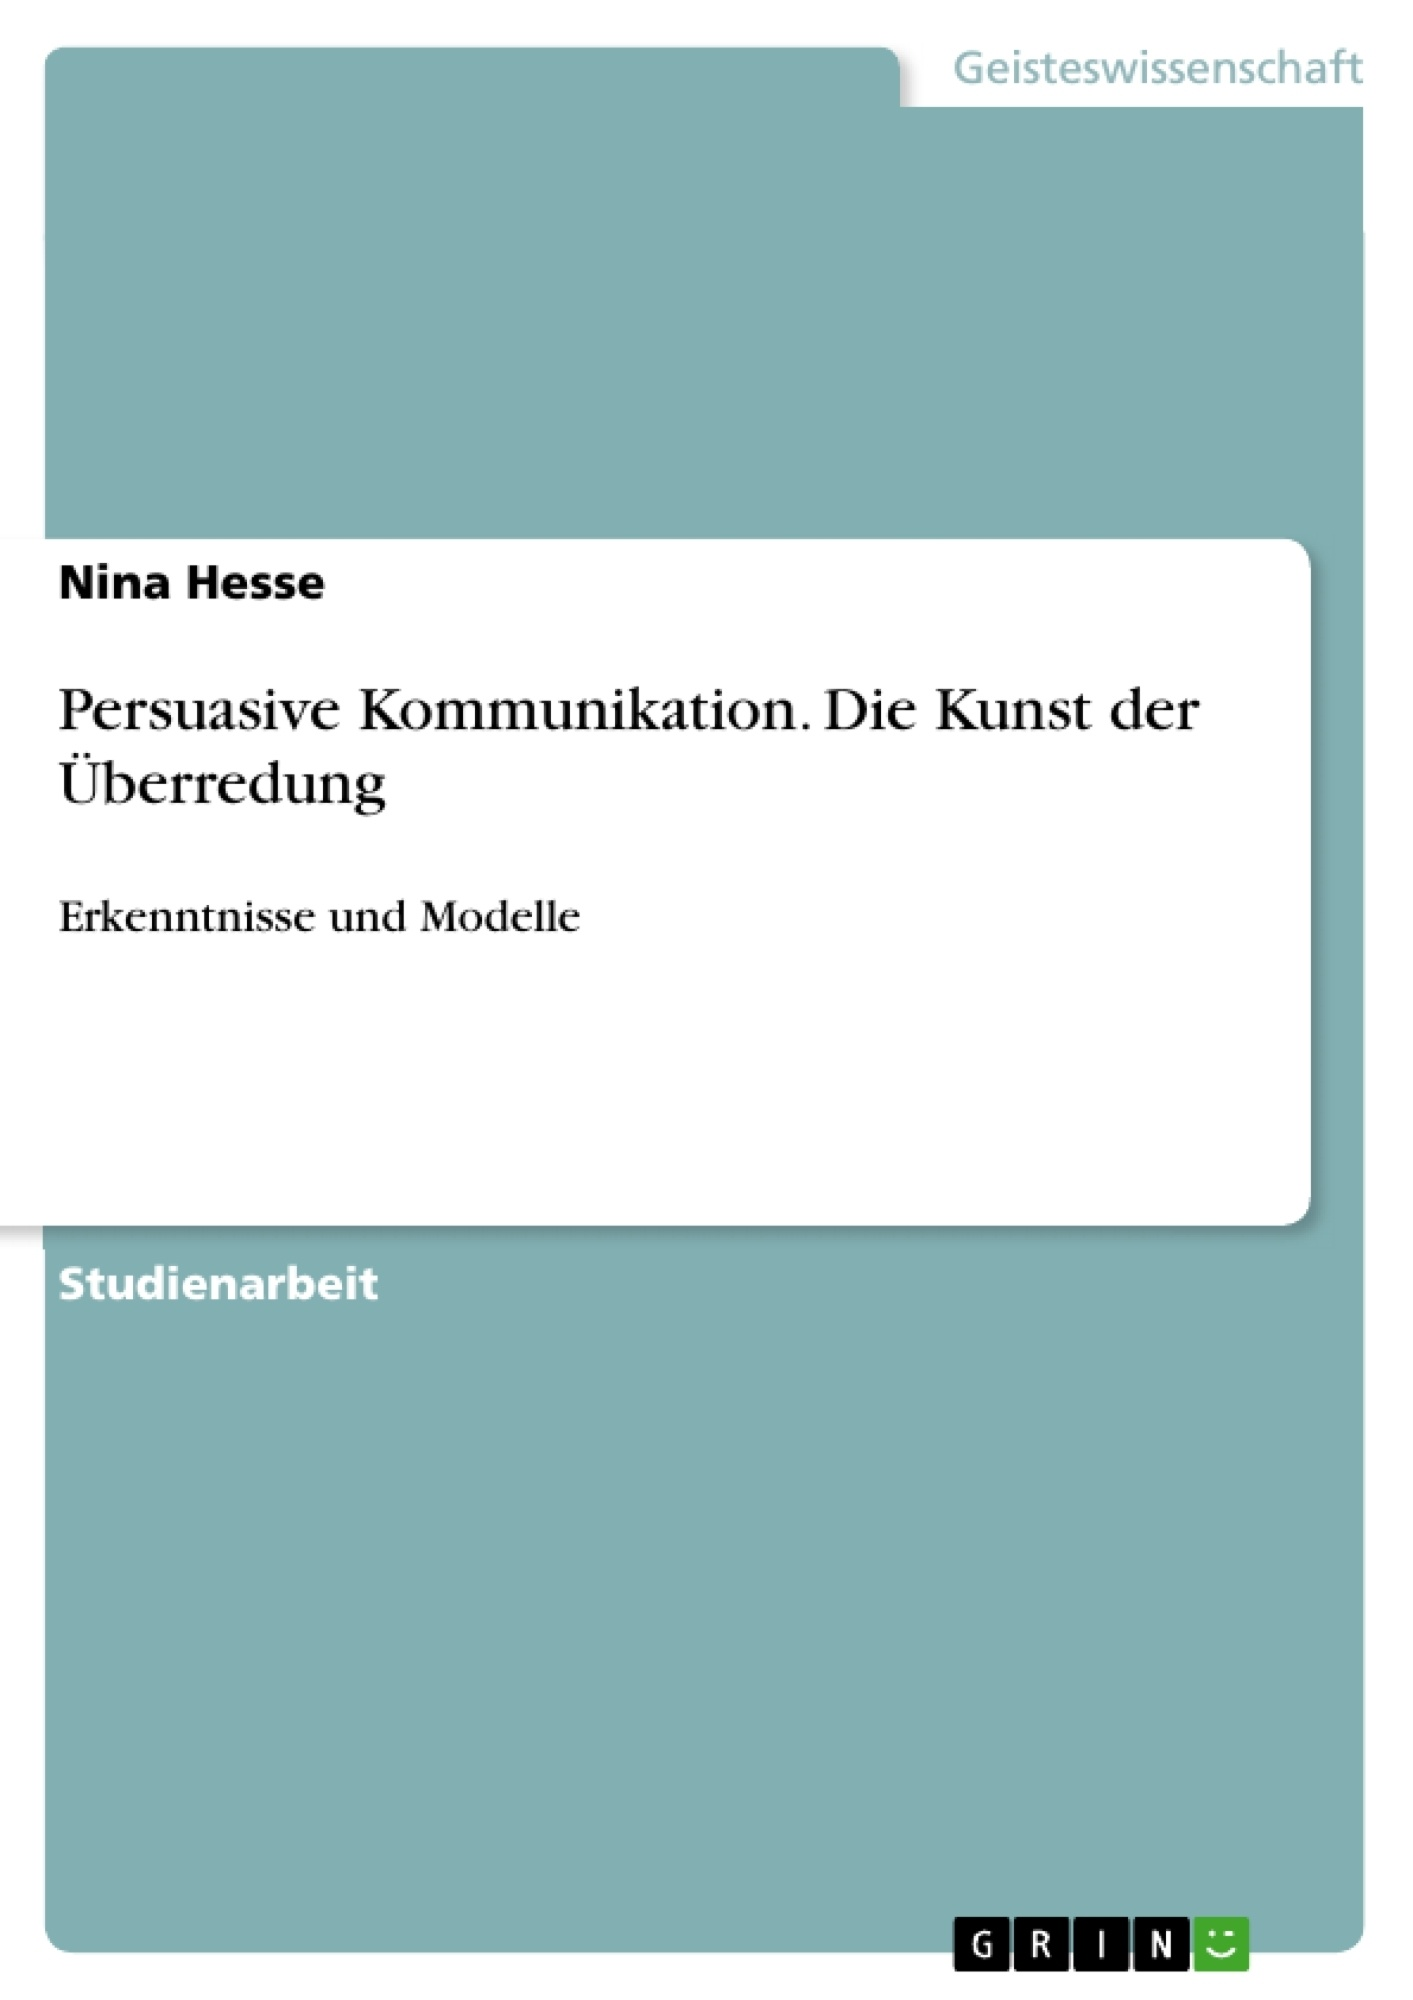 Titel: Persuasive Kommunikation. Die Kunst der Überredung